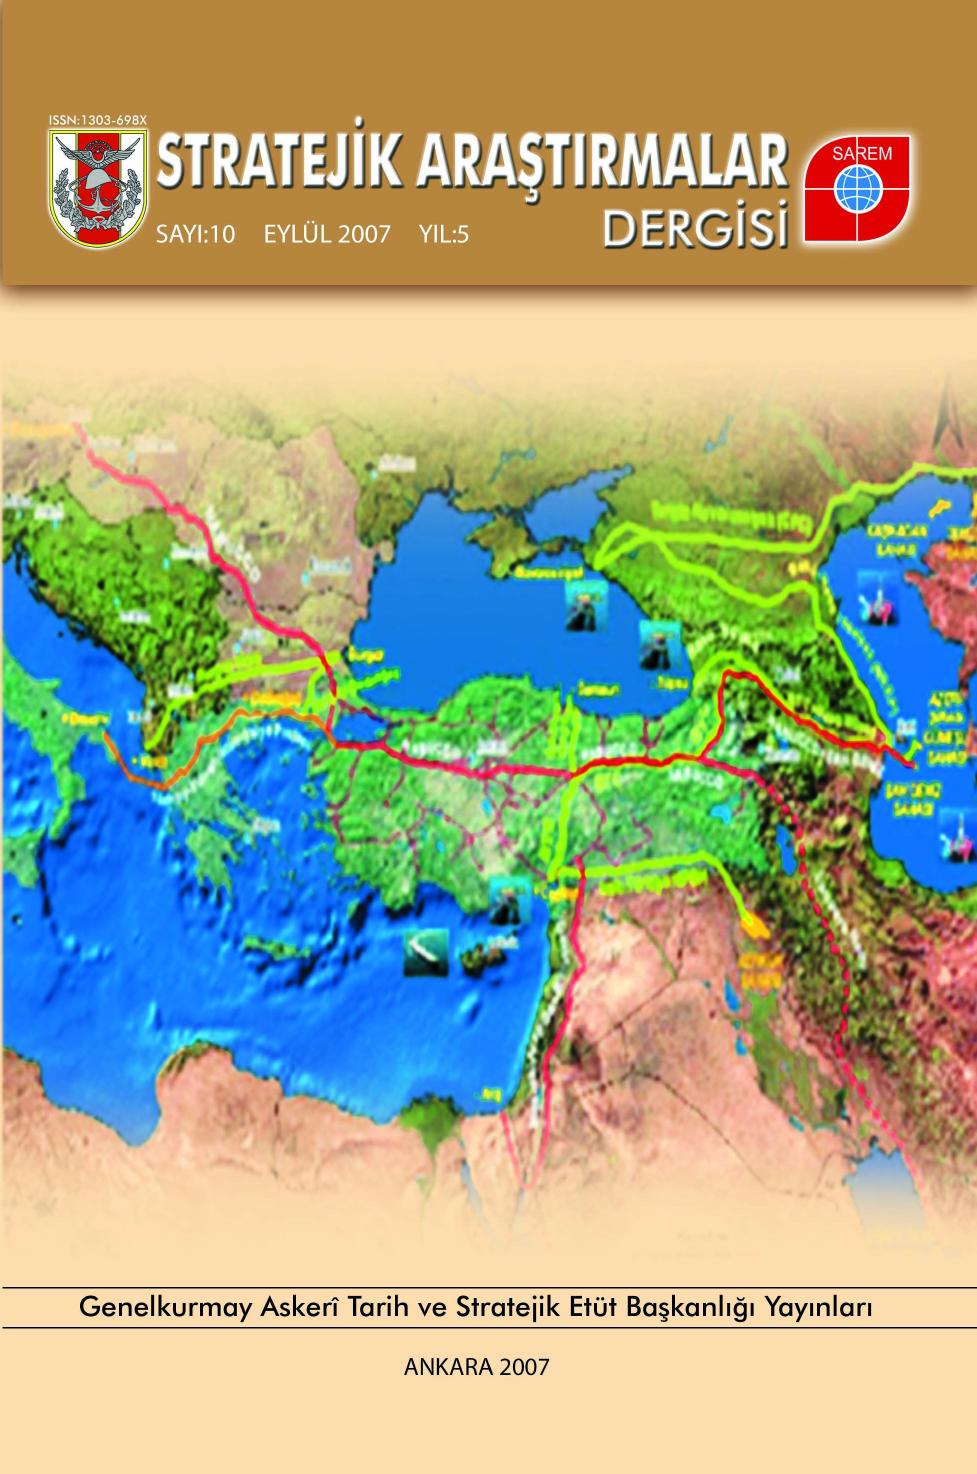 Dış Asya Ülkeleri: genel özellikleri ve bölgeselleşmesi